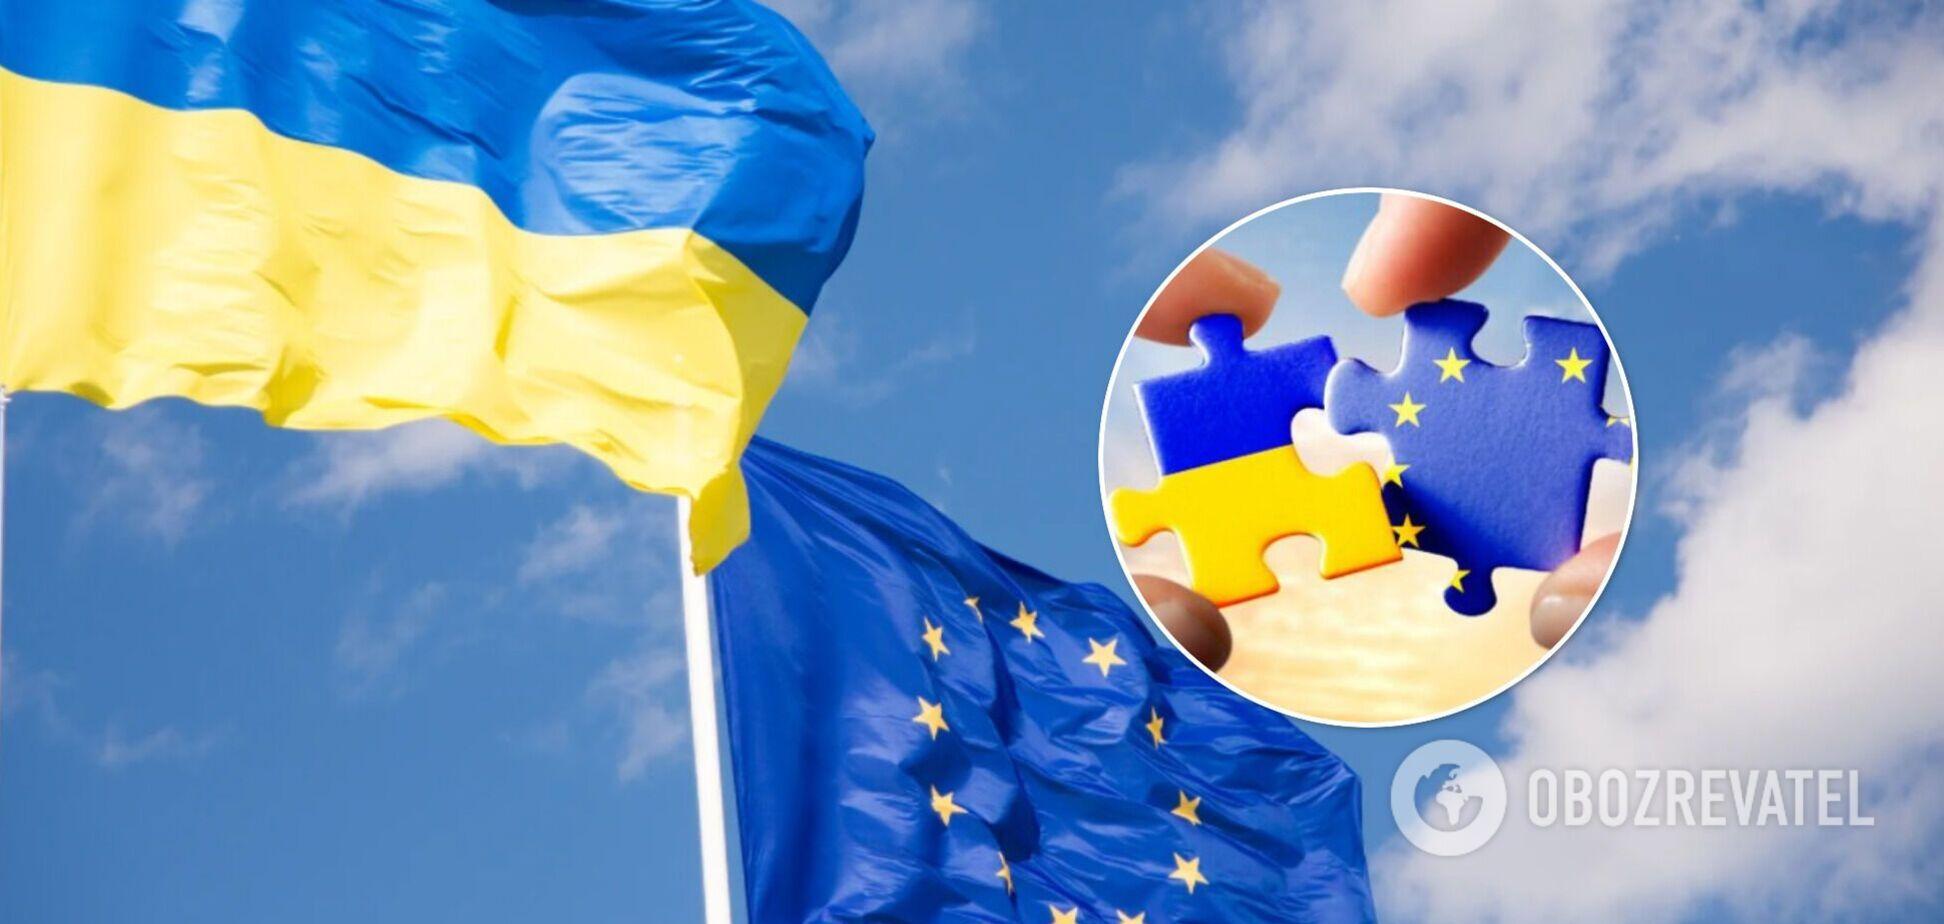 Віцепрезидент Єврокомісії – про членство України в ЄС: консенсусу щодо розширення Євросоюзу поки немає